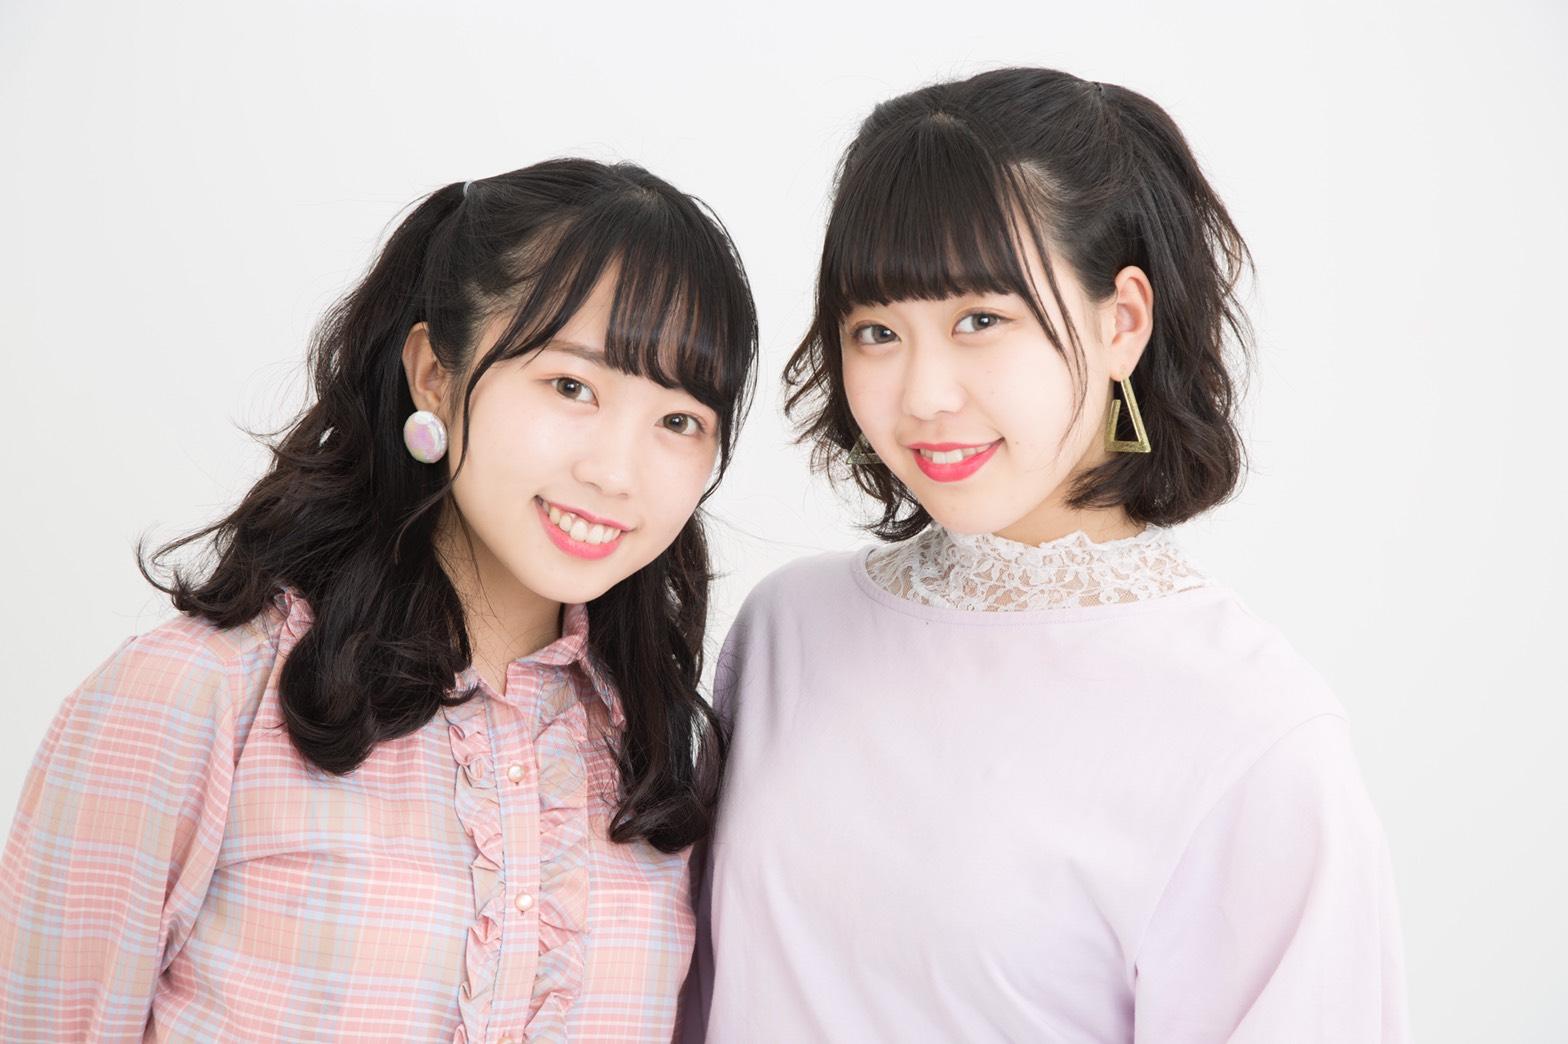 【むくえな】テレビ朝日・弘中綾香アナウンサーとコラボレーション